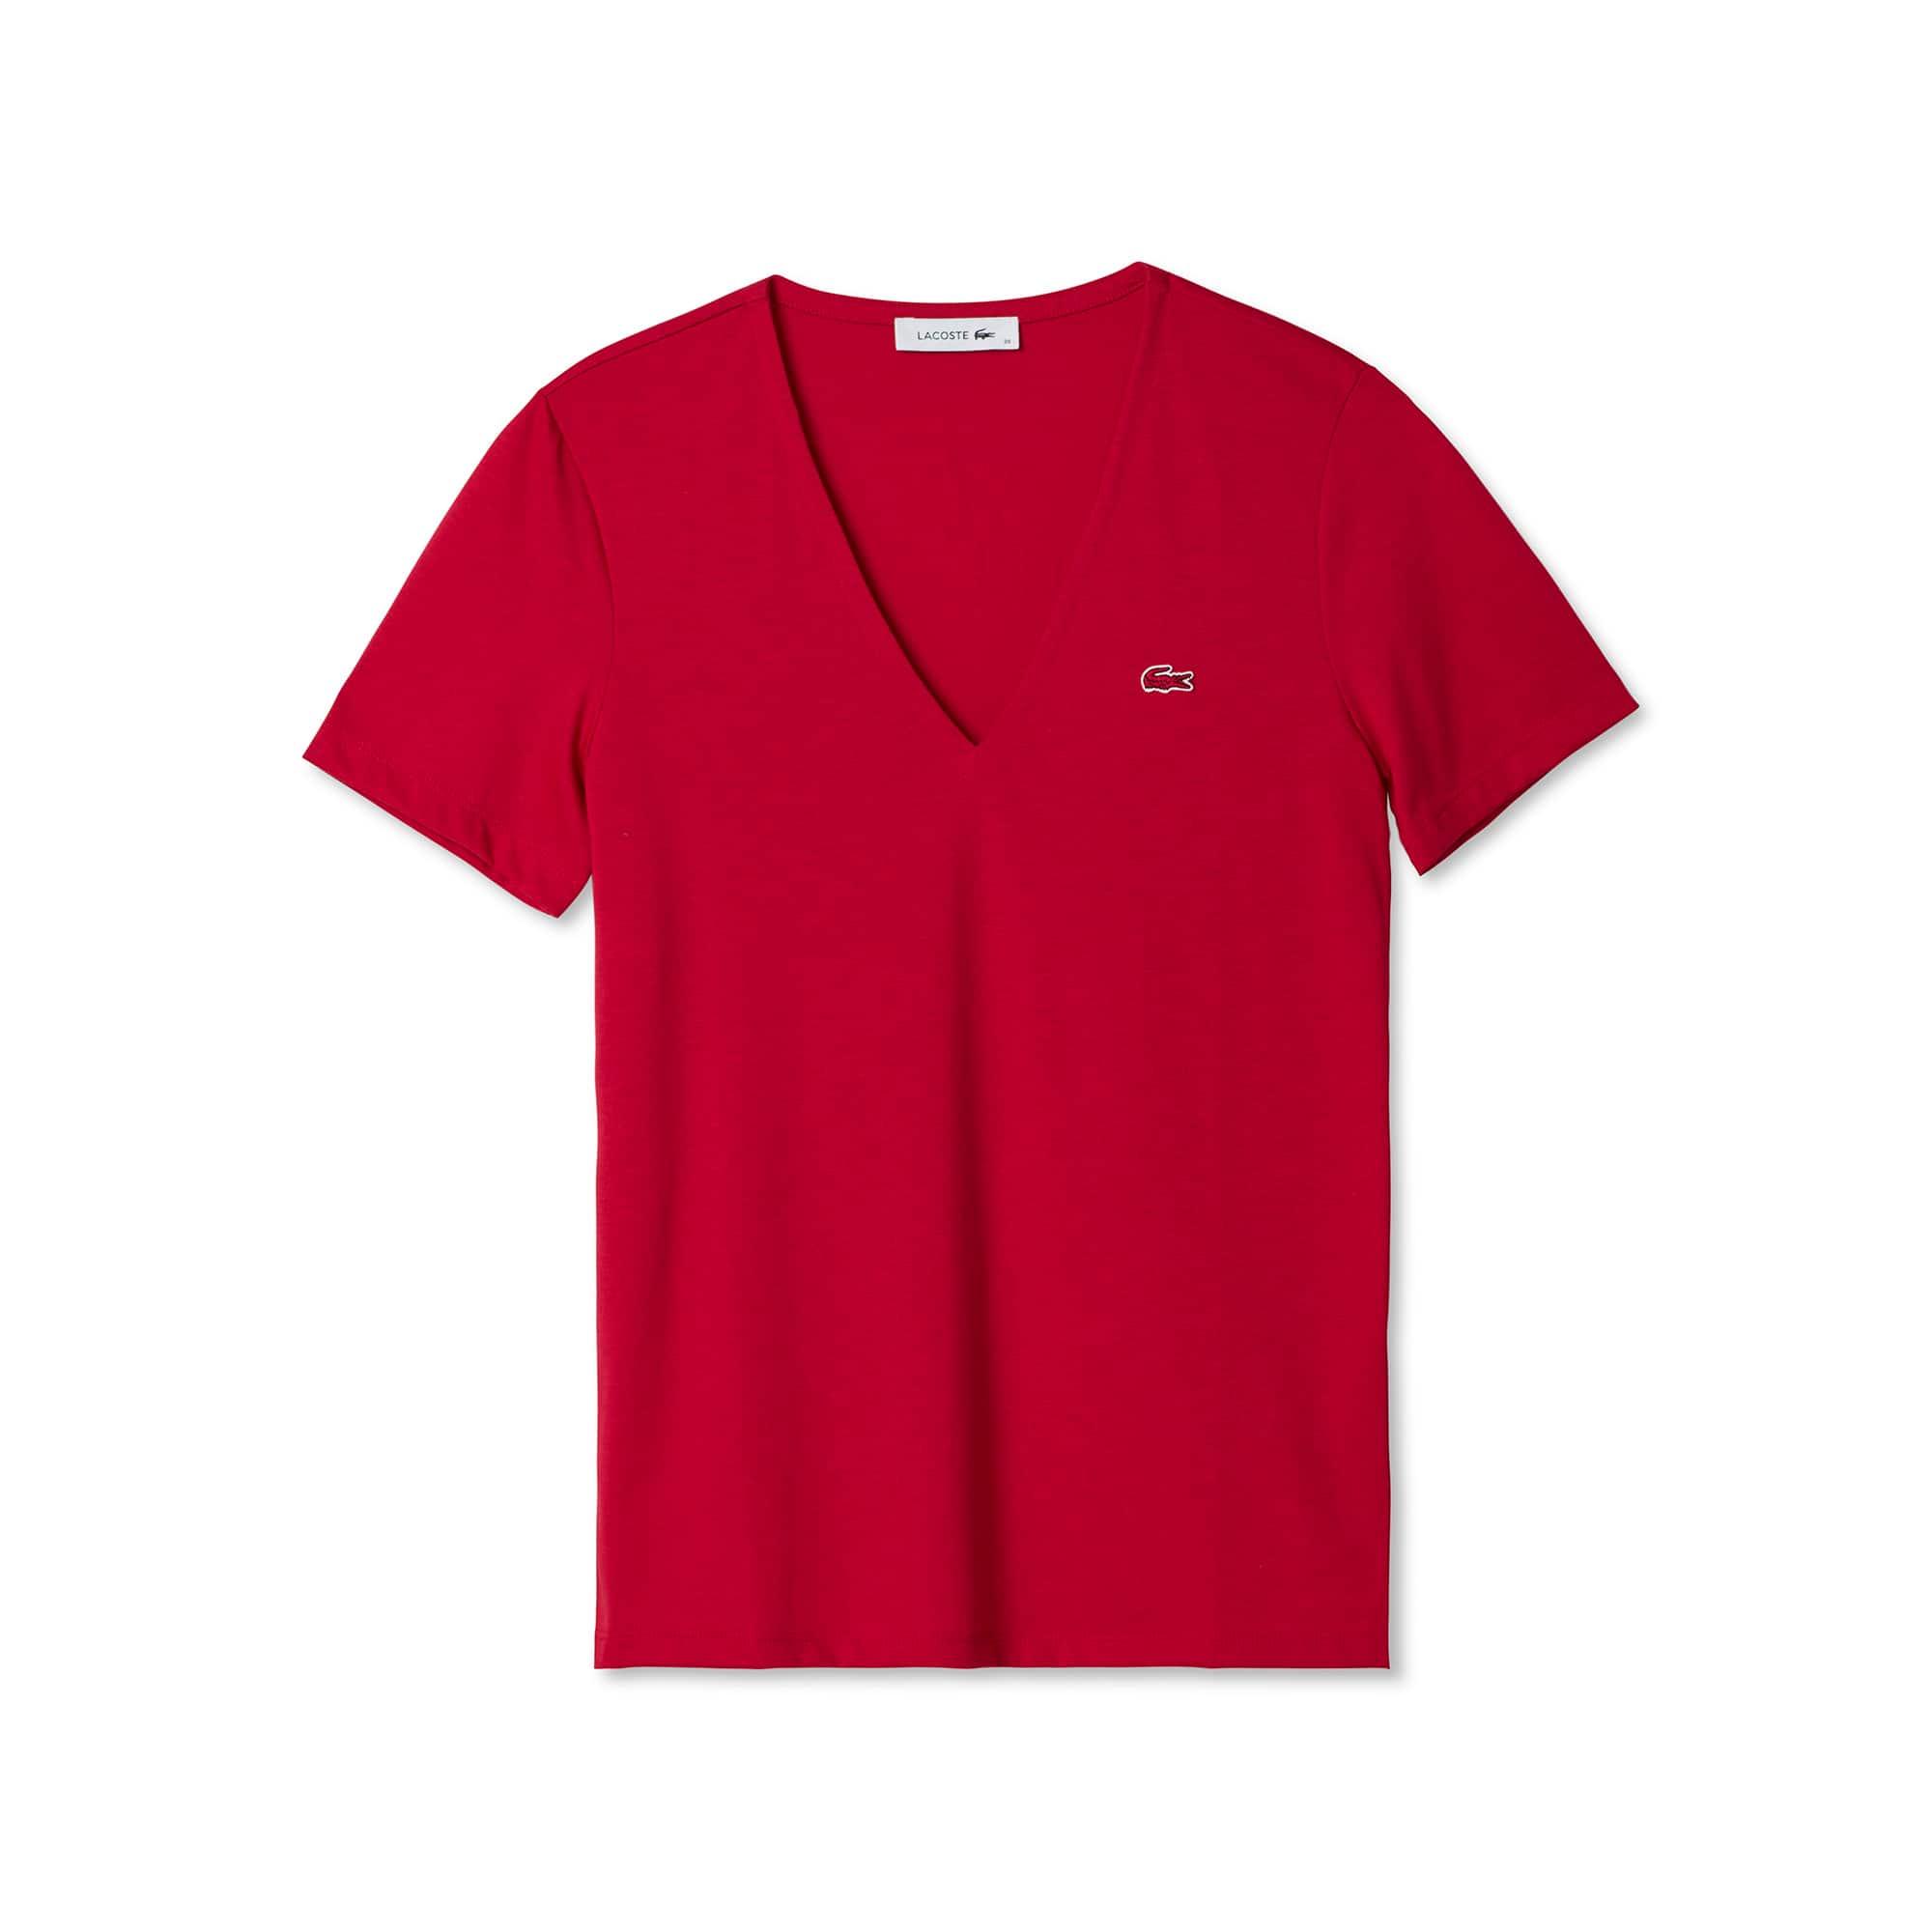 76201ca269 Camisetas